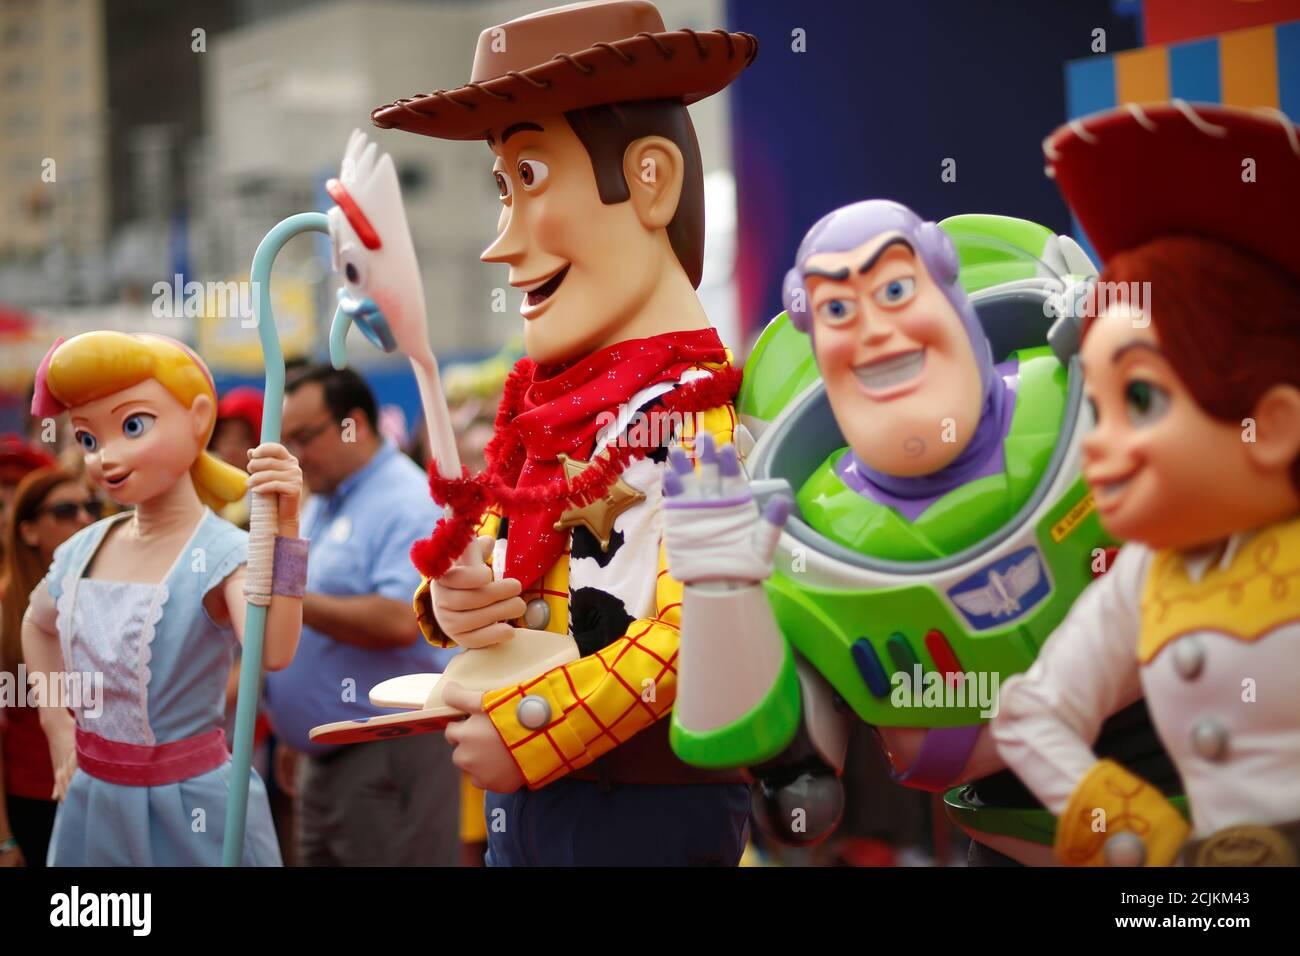 Des personnes en costume comme Bo peep, Woody, Forky, Buzz Lightyear, et Jessie sont vues à la première pour 'Toy Story 4' à Los Angeles, Californie, États-Unis, le 11 juin 2019. REUTERS/Mario Anzuoni Banque D'Images